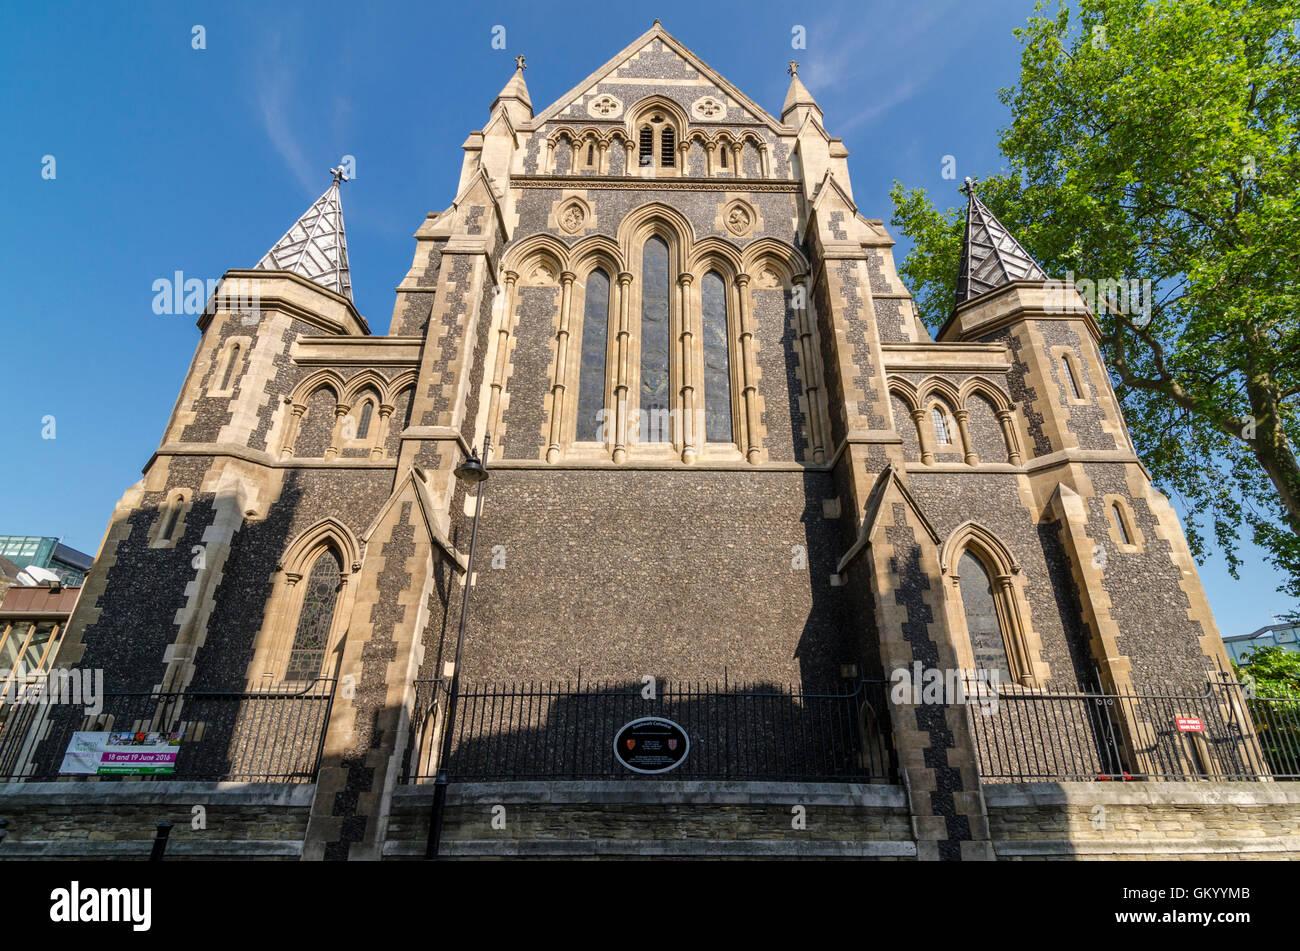 Southwark Cathedral, London, UK - Stock Image